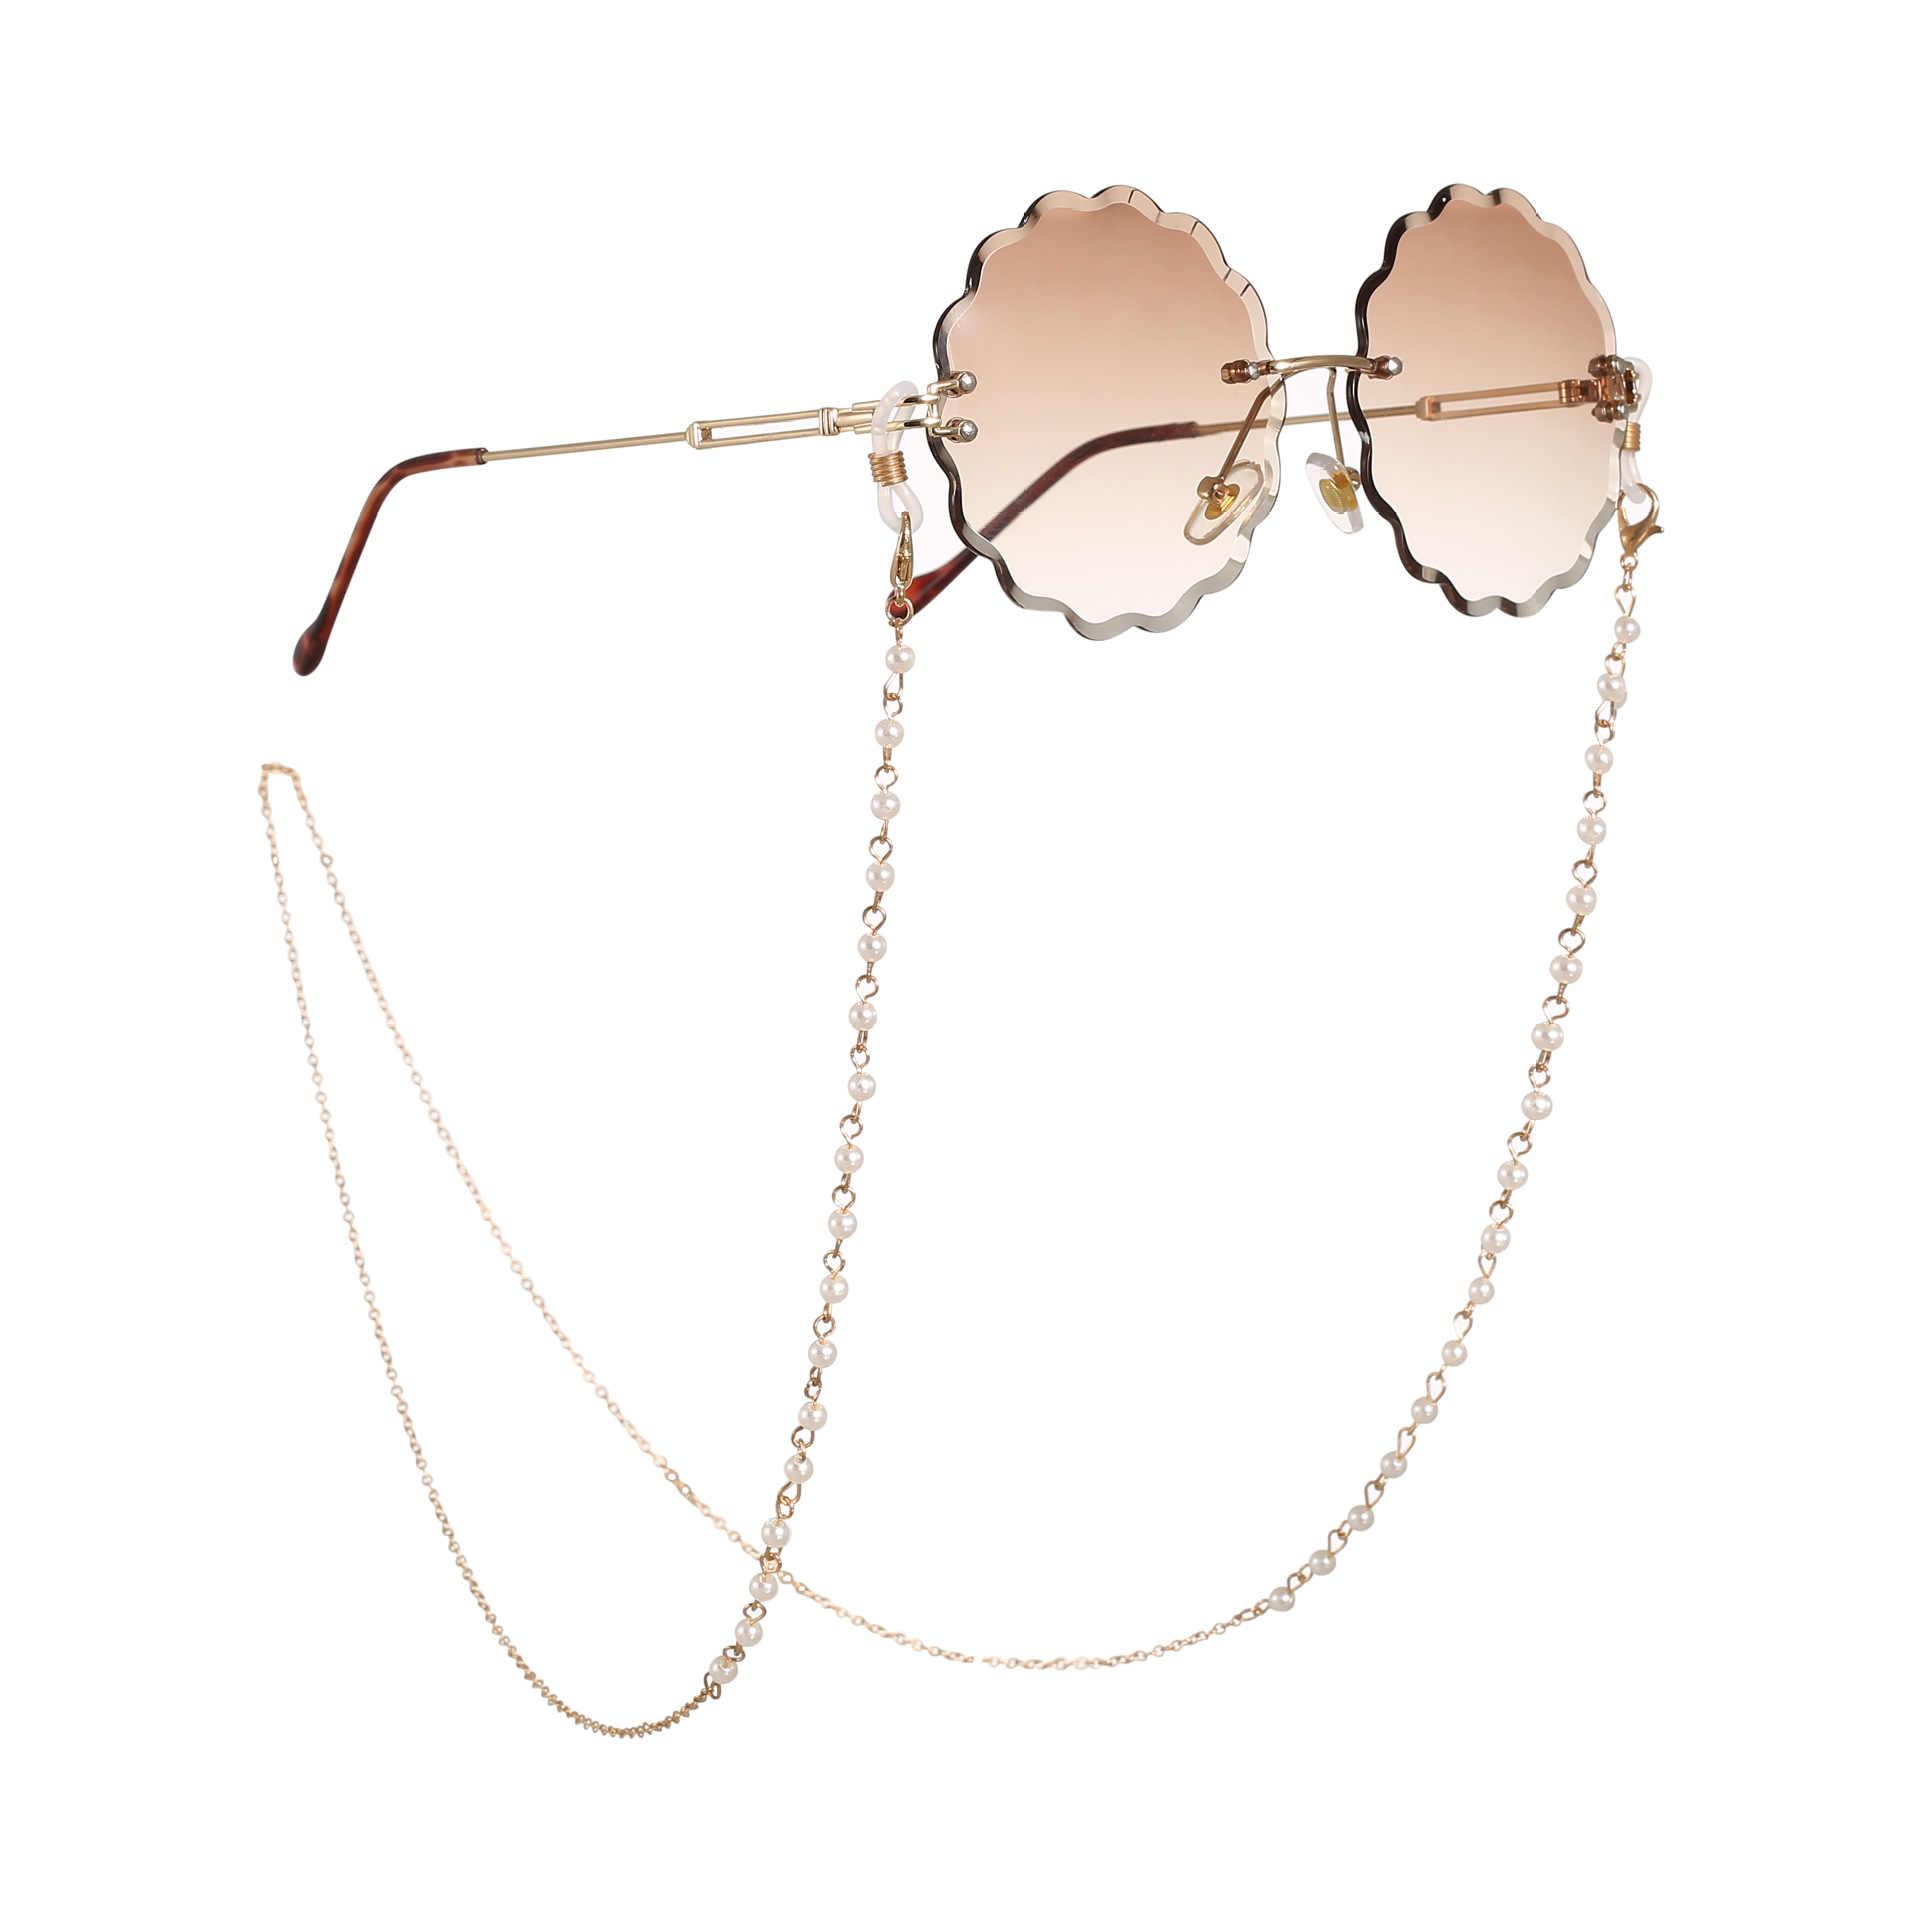 Corrente de óculos de leitura feminina, corrente para óculos de sol de metal, casual, com pérolas, corrente para óculos de mulheres 2020